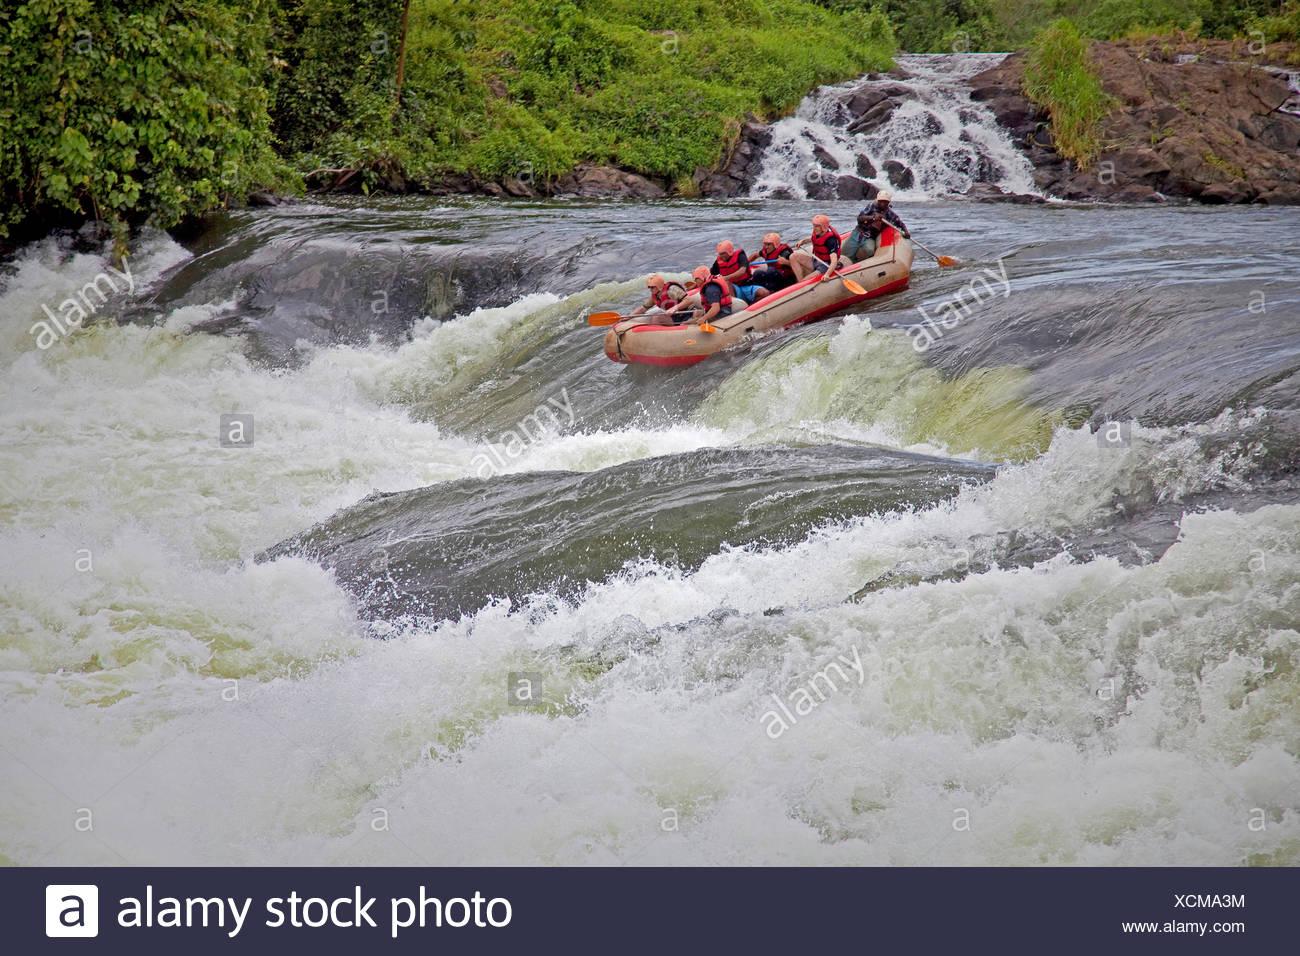 Les touristes avec un guide local sont en bas de la descente en eaux vives et cascades Bujagali sont sur le point d'atteindre un état sauvage, rapide, l'Ouganda Jinja Photo Stock